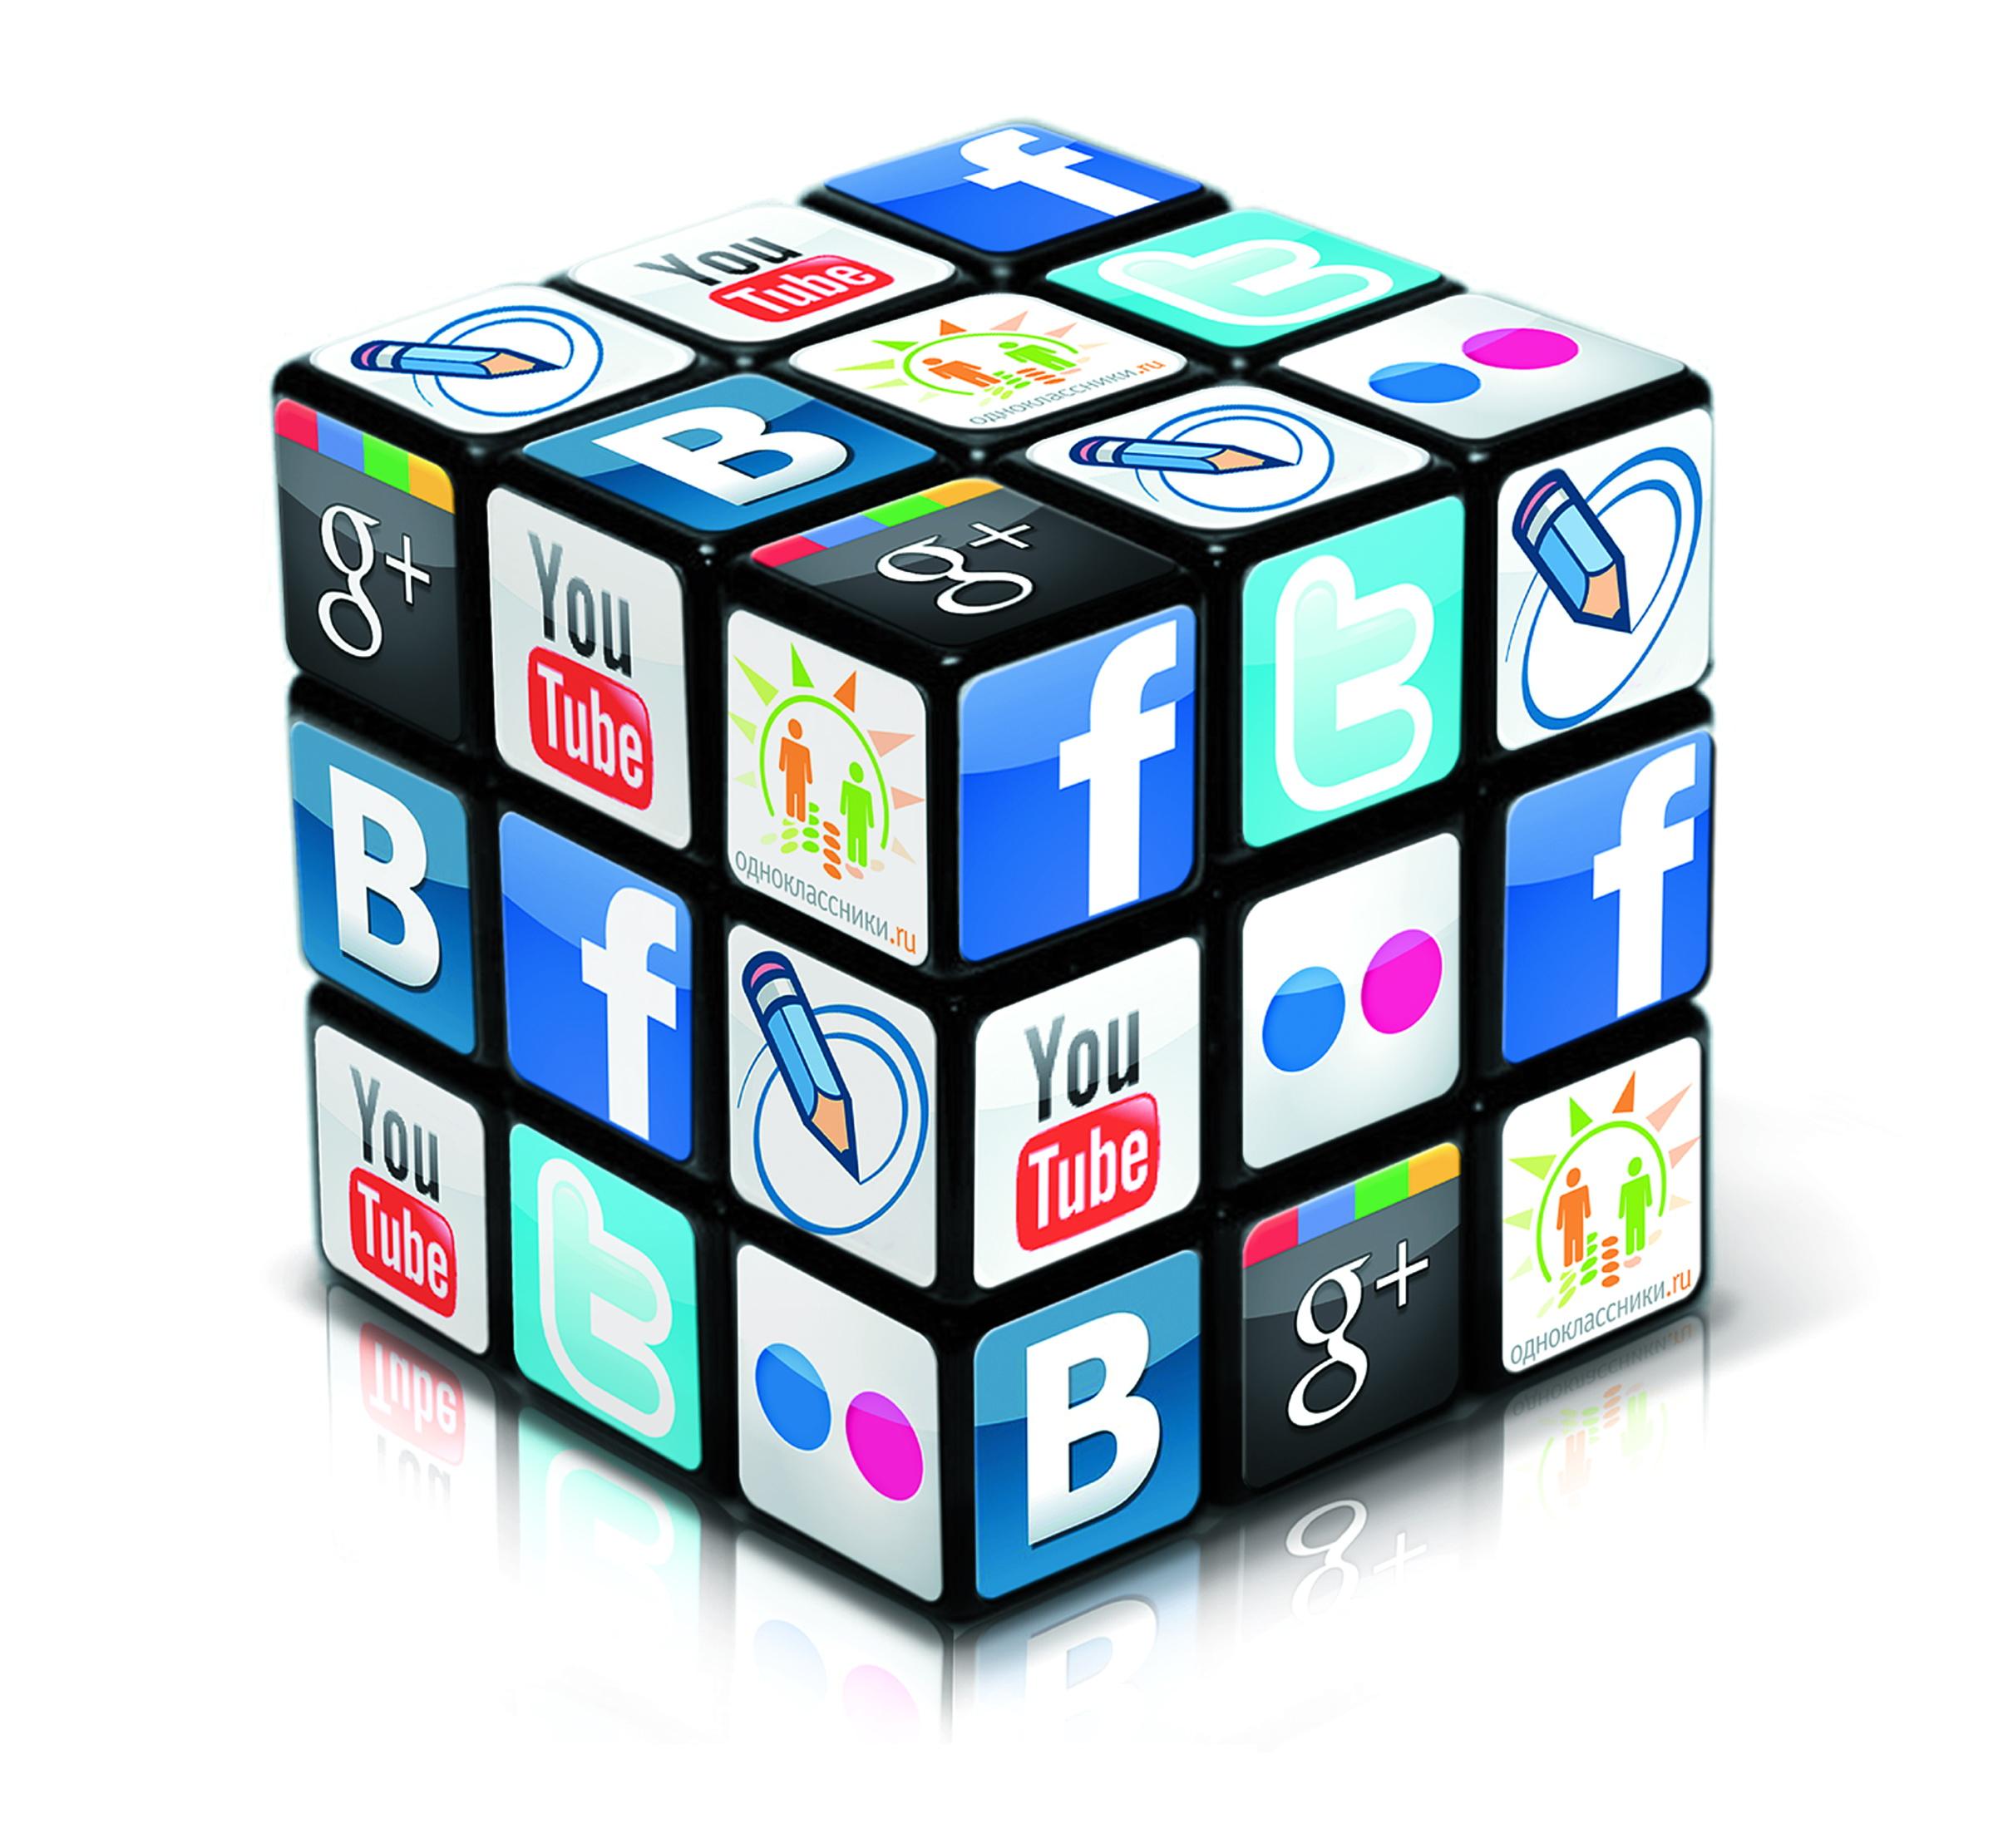 рейтинг социальных сетей 2017